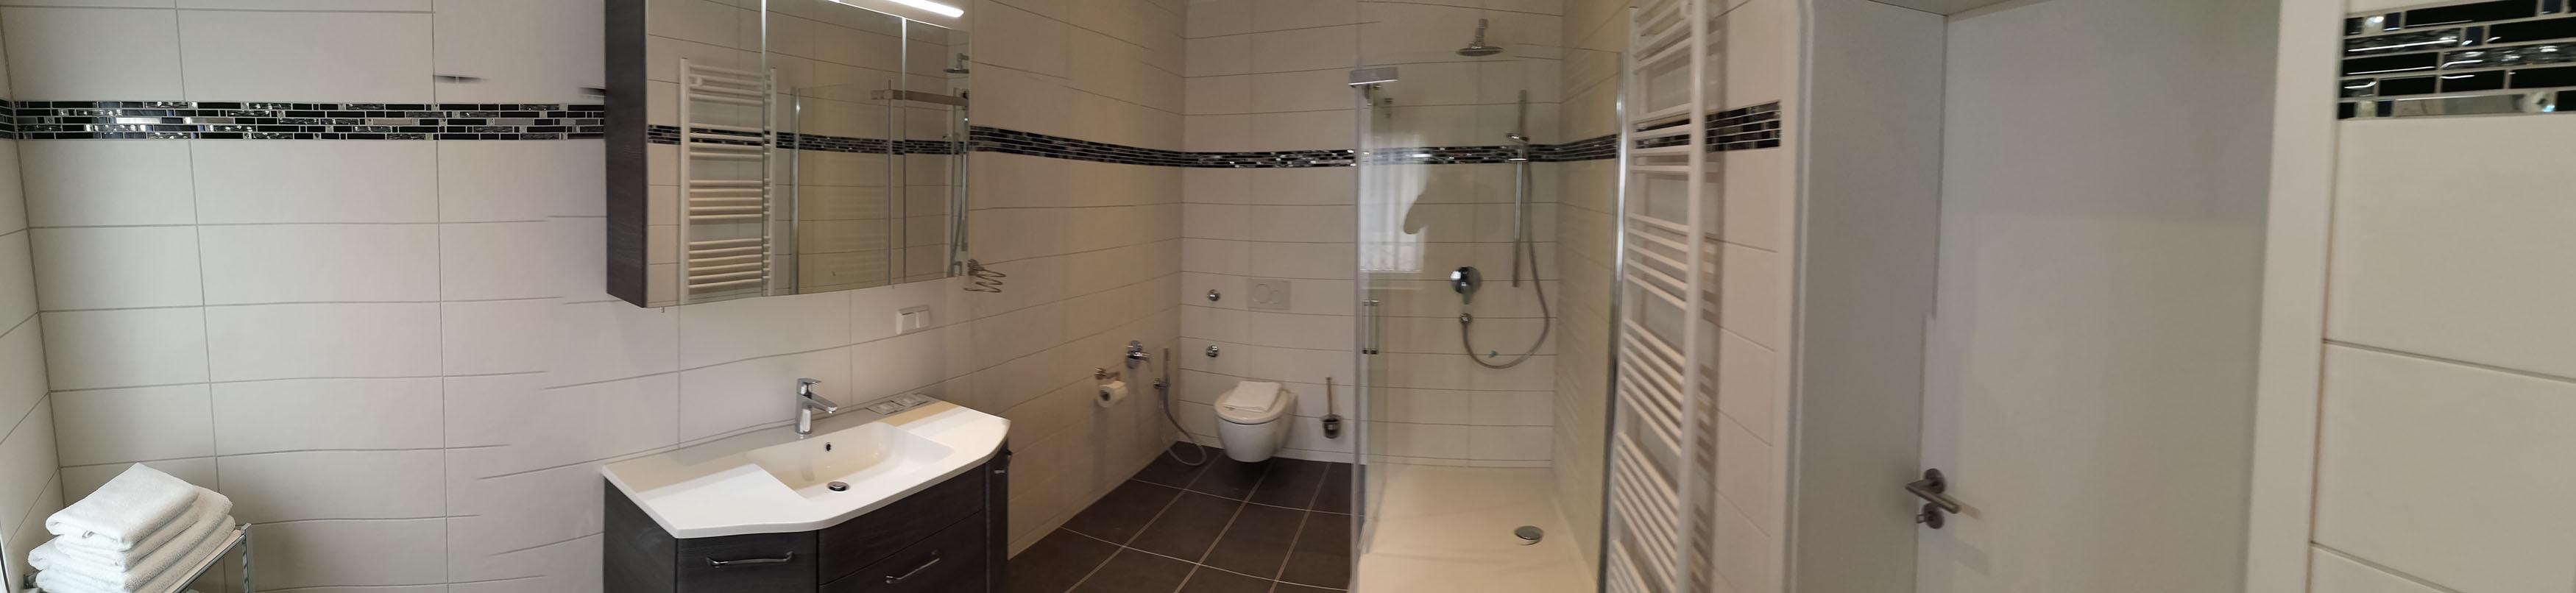 Hotel Löhr, Badezimmer